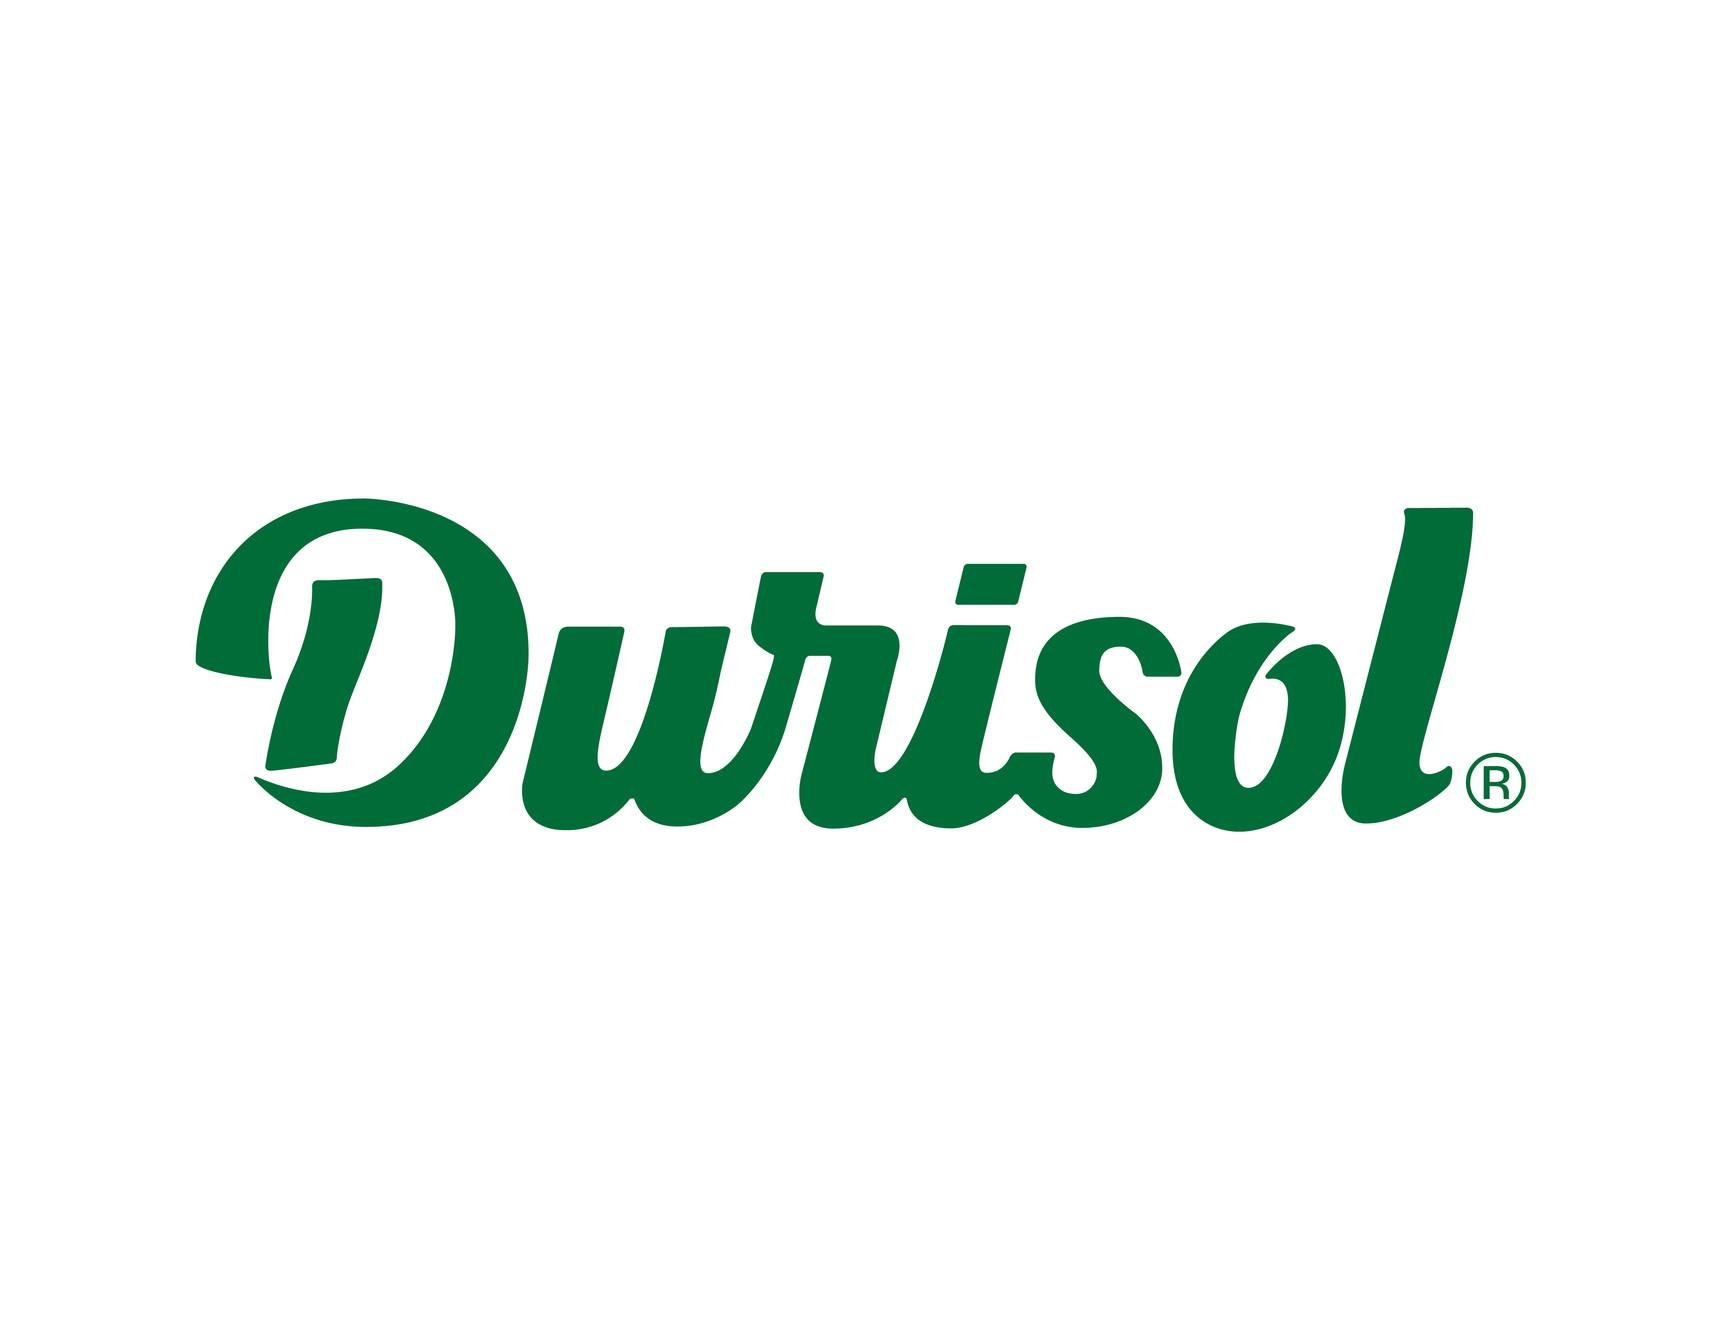 Durisol